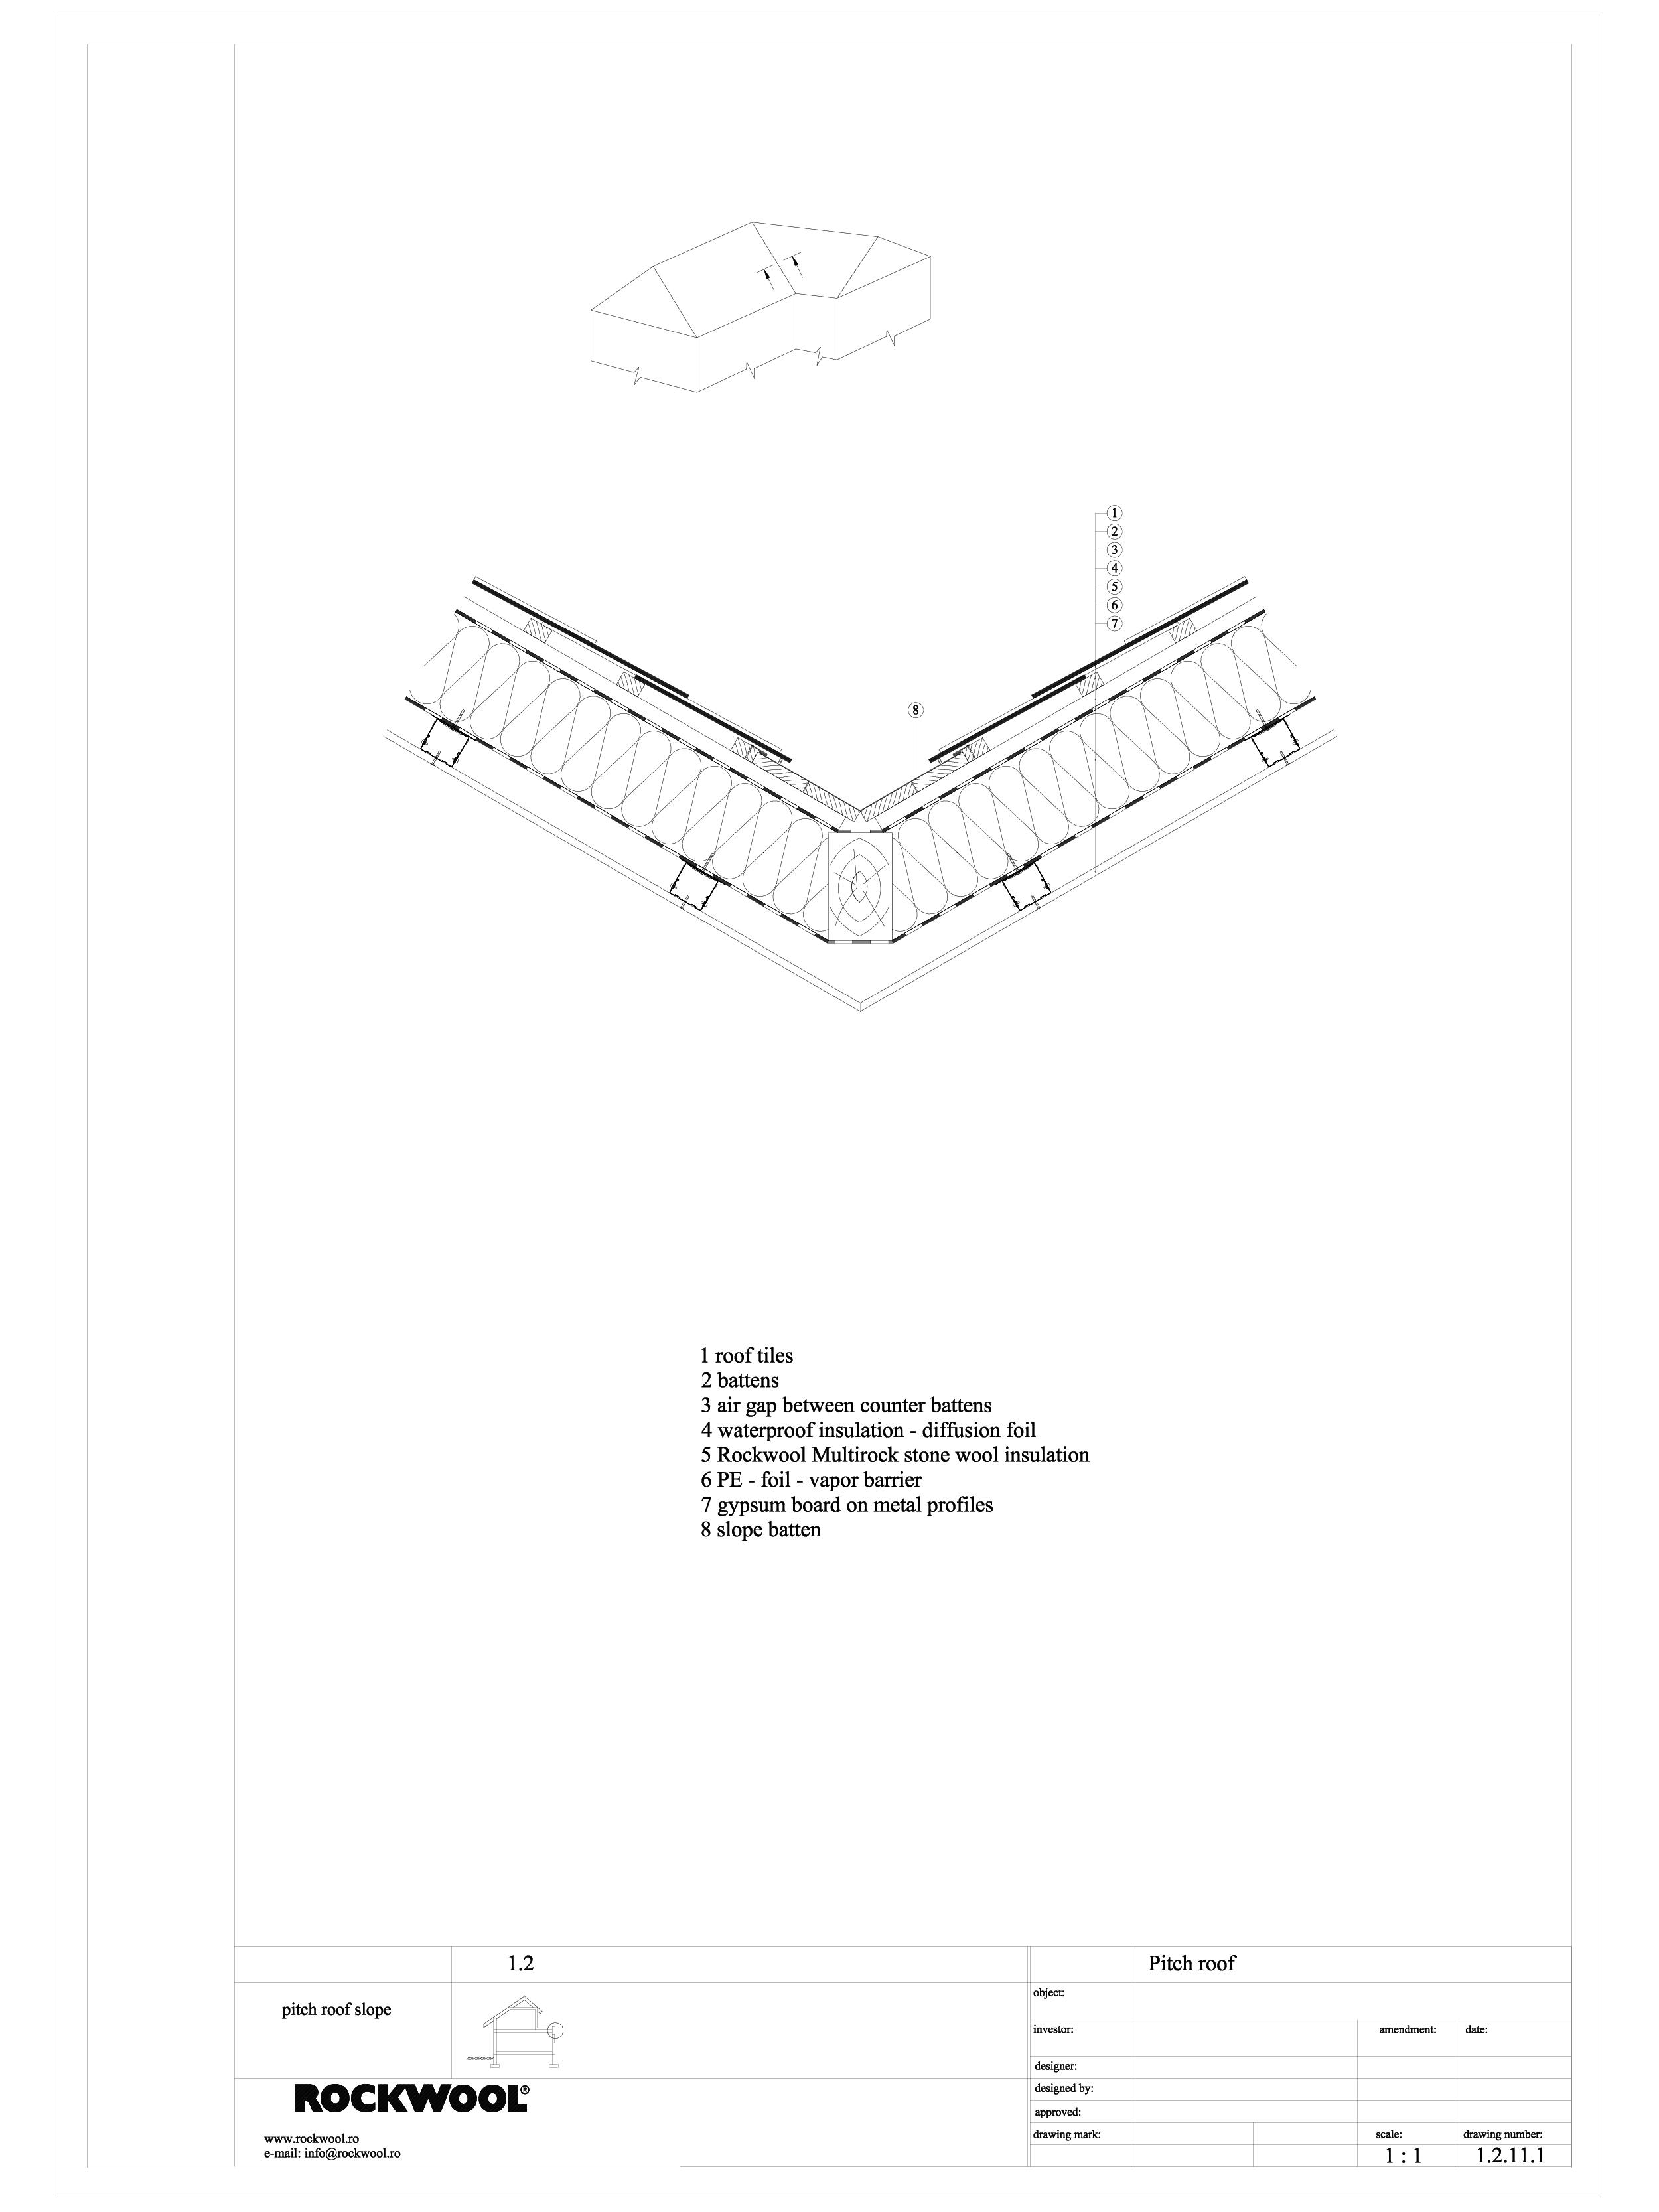 Termoizolarea acoperisului mansardat - detaliu de dolie ROCKWOOL Termoizolatie vata bazaltica pentru acoperisuri ROCKWOOL ROMANIA  - Pagina 1